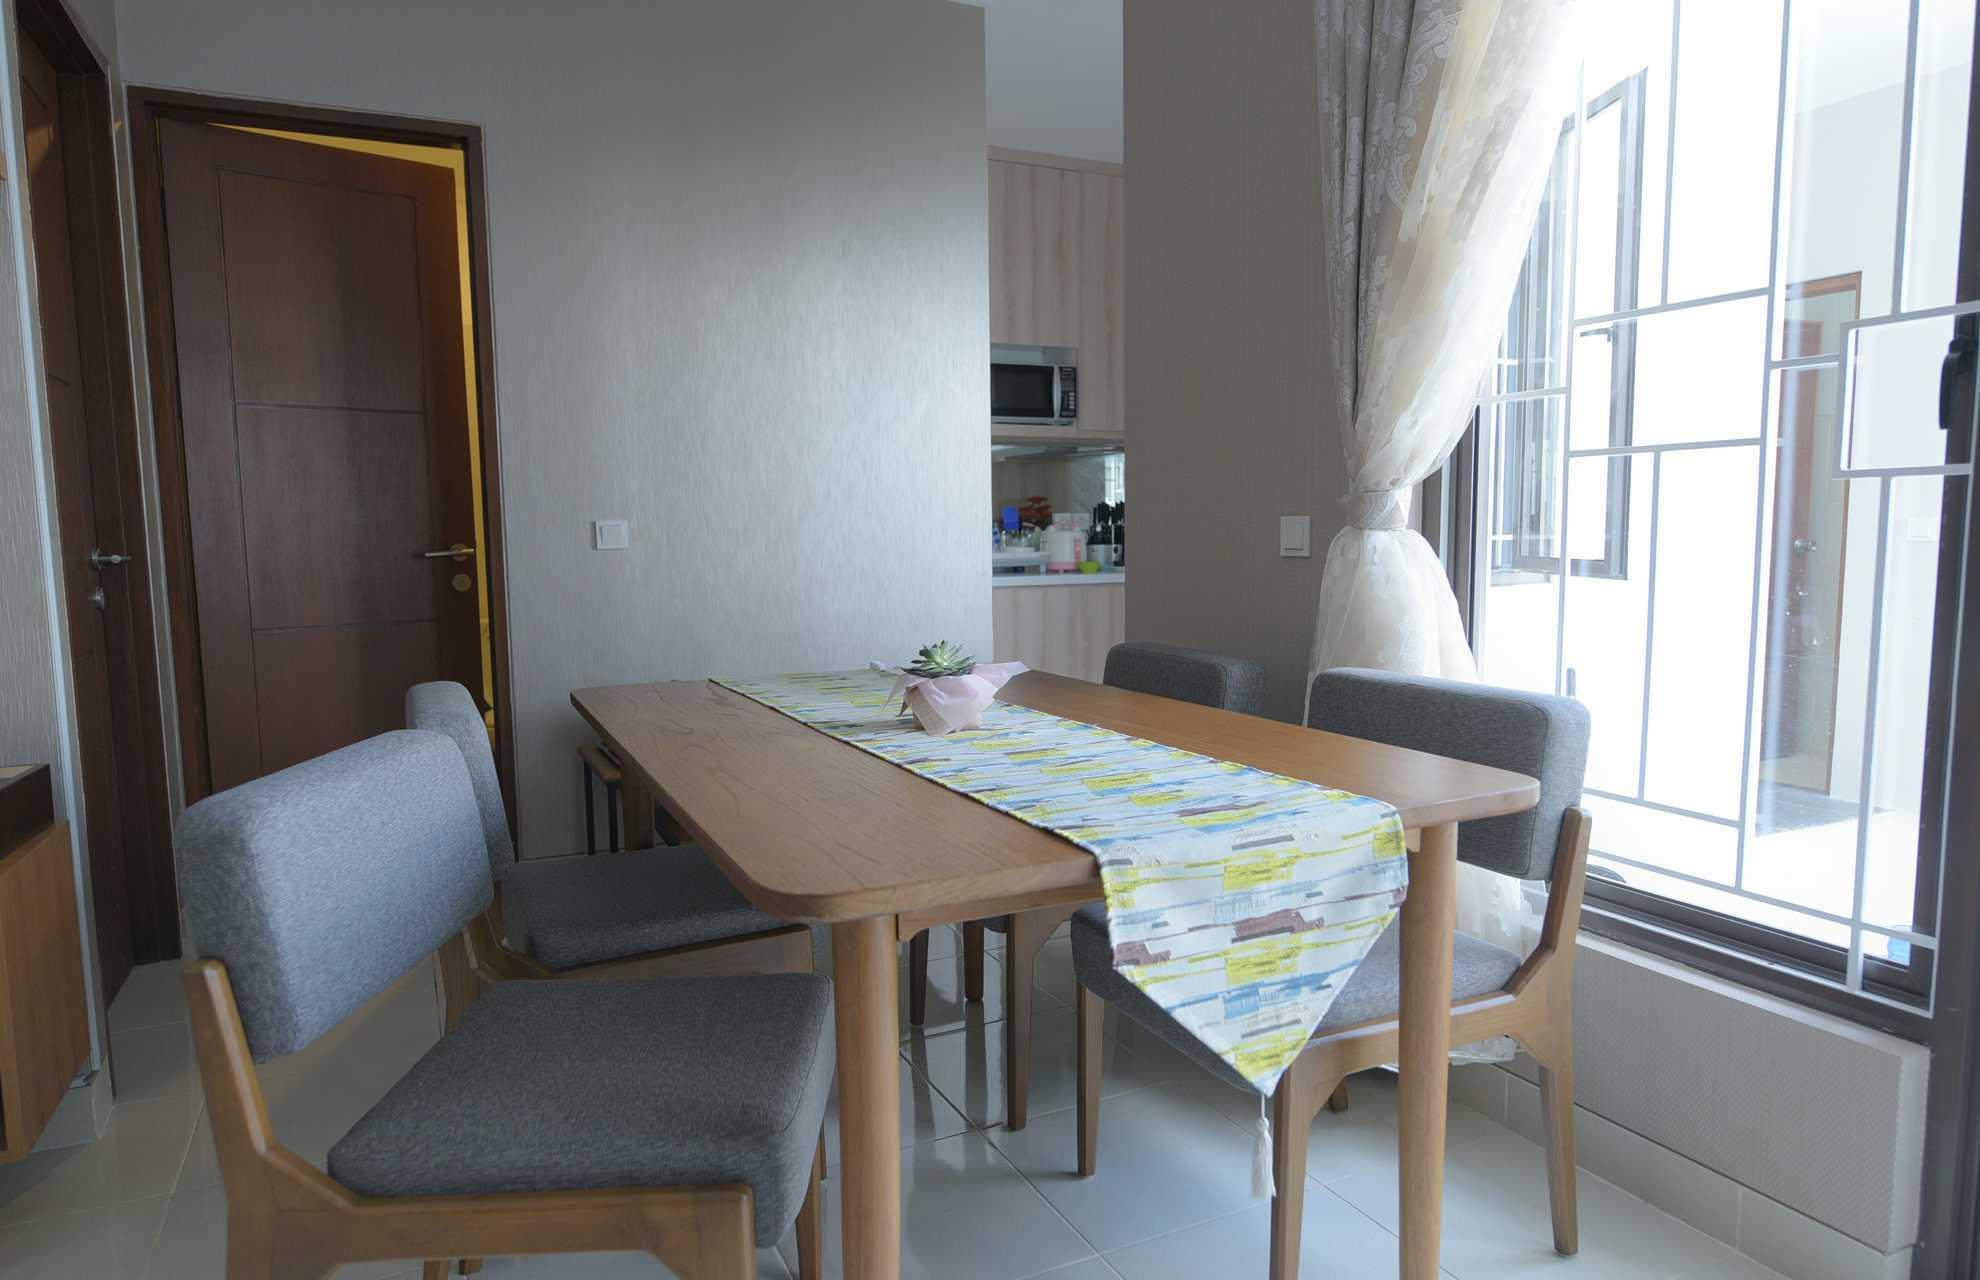 Home By Fabelio.com Premier Terrace Ciracas House Jalan Raya Ciracas, Rt.2/rw.5, Ciracas, Kota Jakarta Timur, Aceh 13740, Indonesia Jalan Raya Ciracas, Rt.2/rw.5, Ciracas, Kota Jakarta Timur, Aceh 13740, Indonesia Dining Room Scandinavian 54123